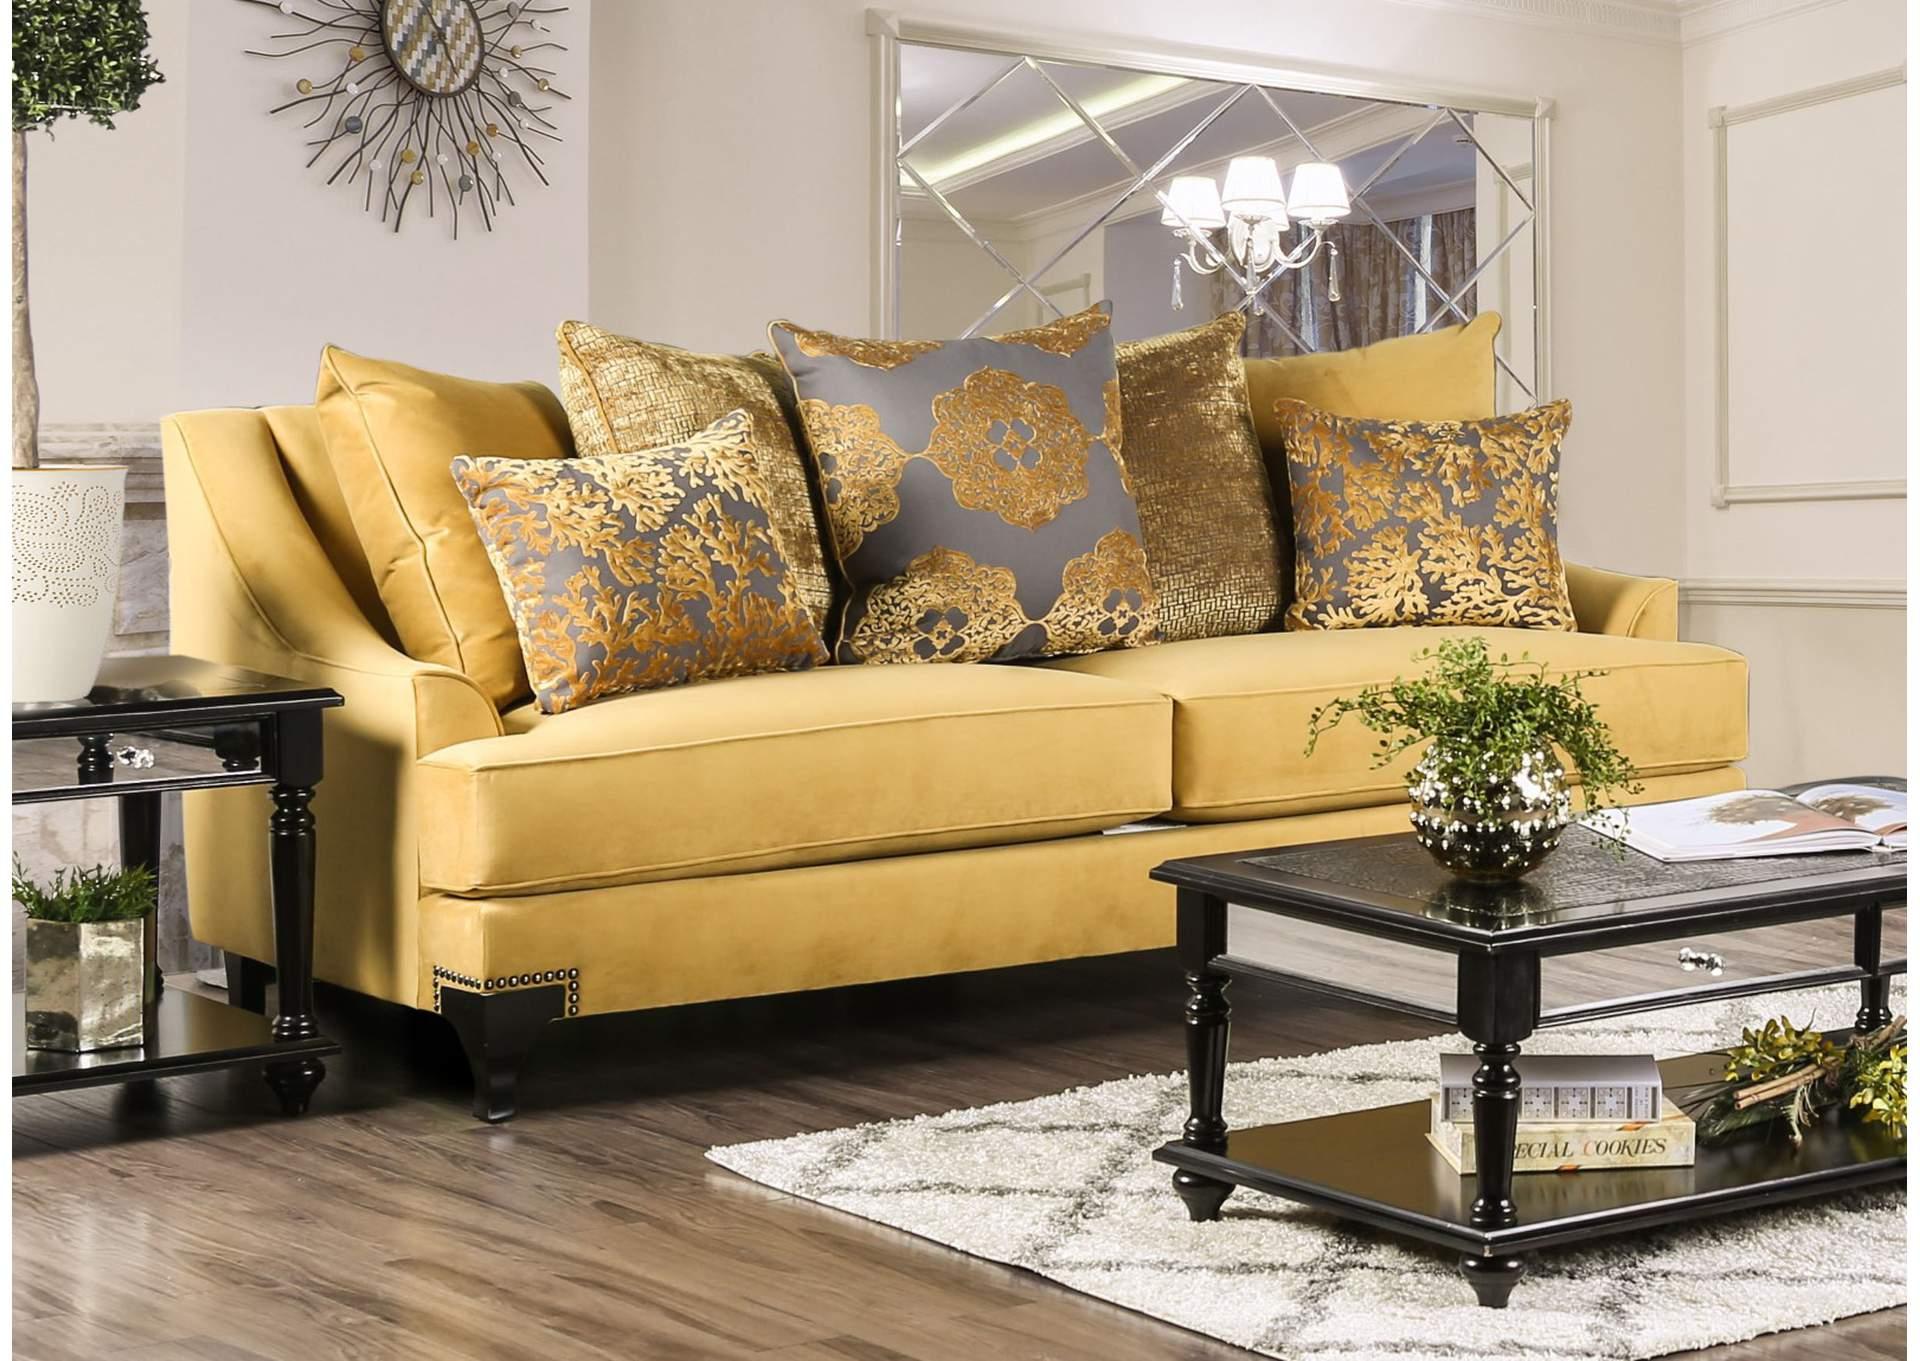 best buy furniture and mattress viscontti gold sofa rh bestbuy furniture com